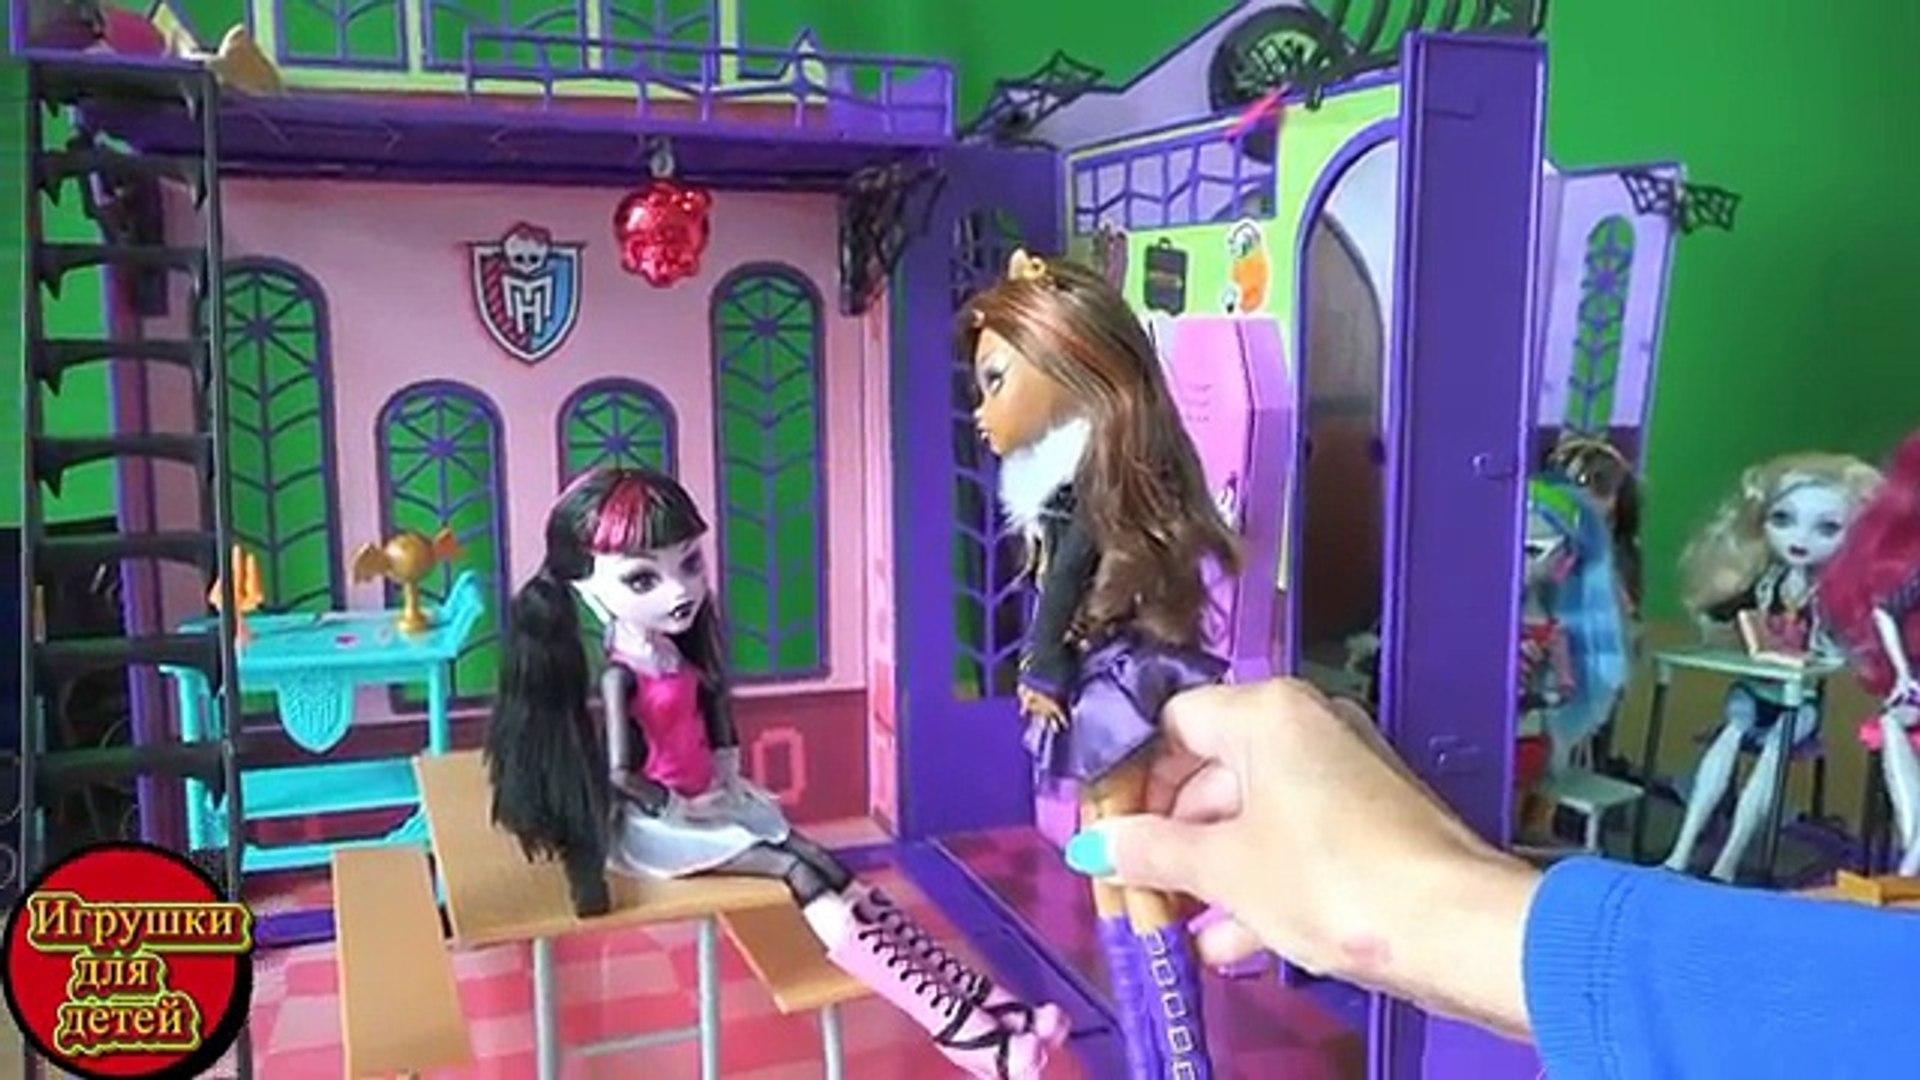 Видео с куклами Монстер Хай серия 29 Клодин знакомит Дракулауру с Клодом в школе монстров